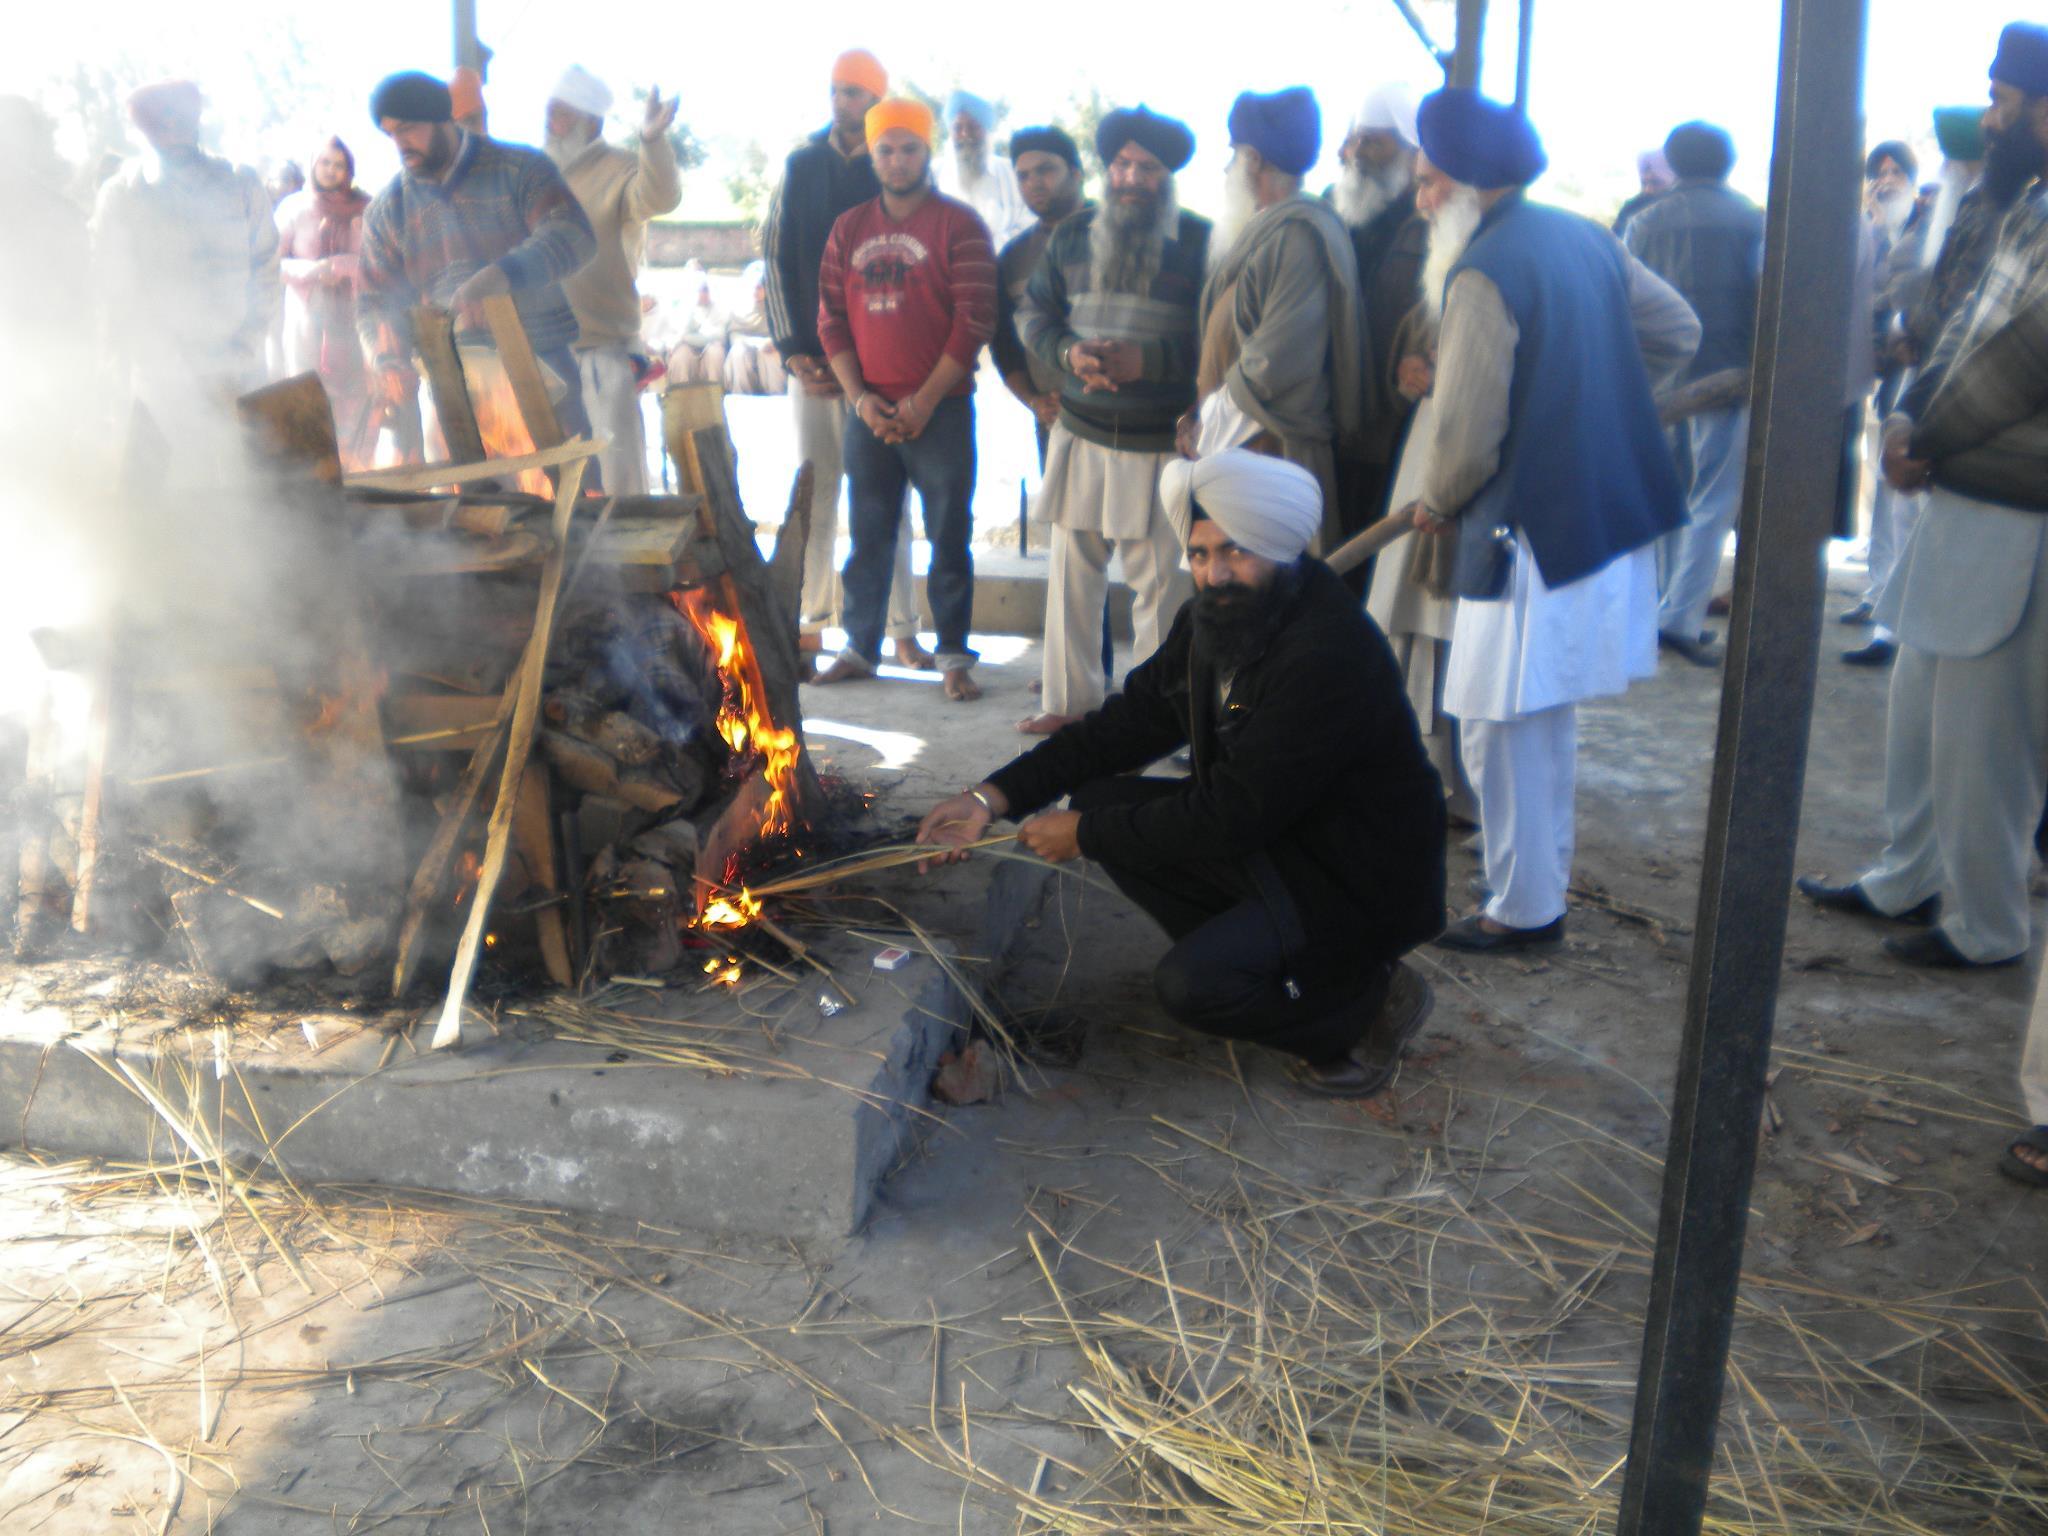 Antim Sanskar Bapu Kashmir Singh Panjwar